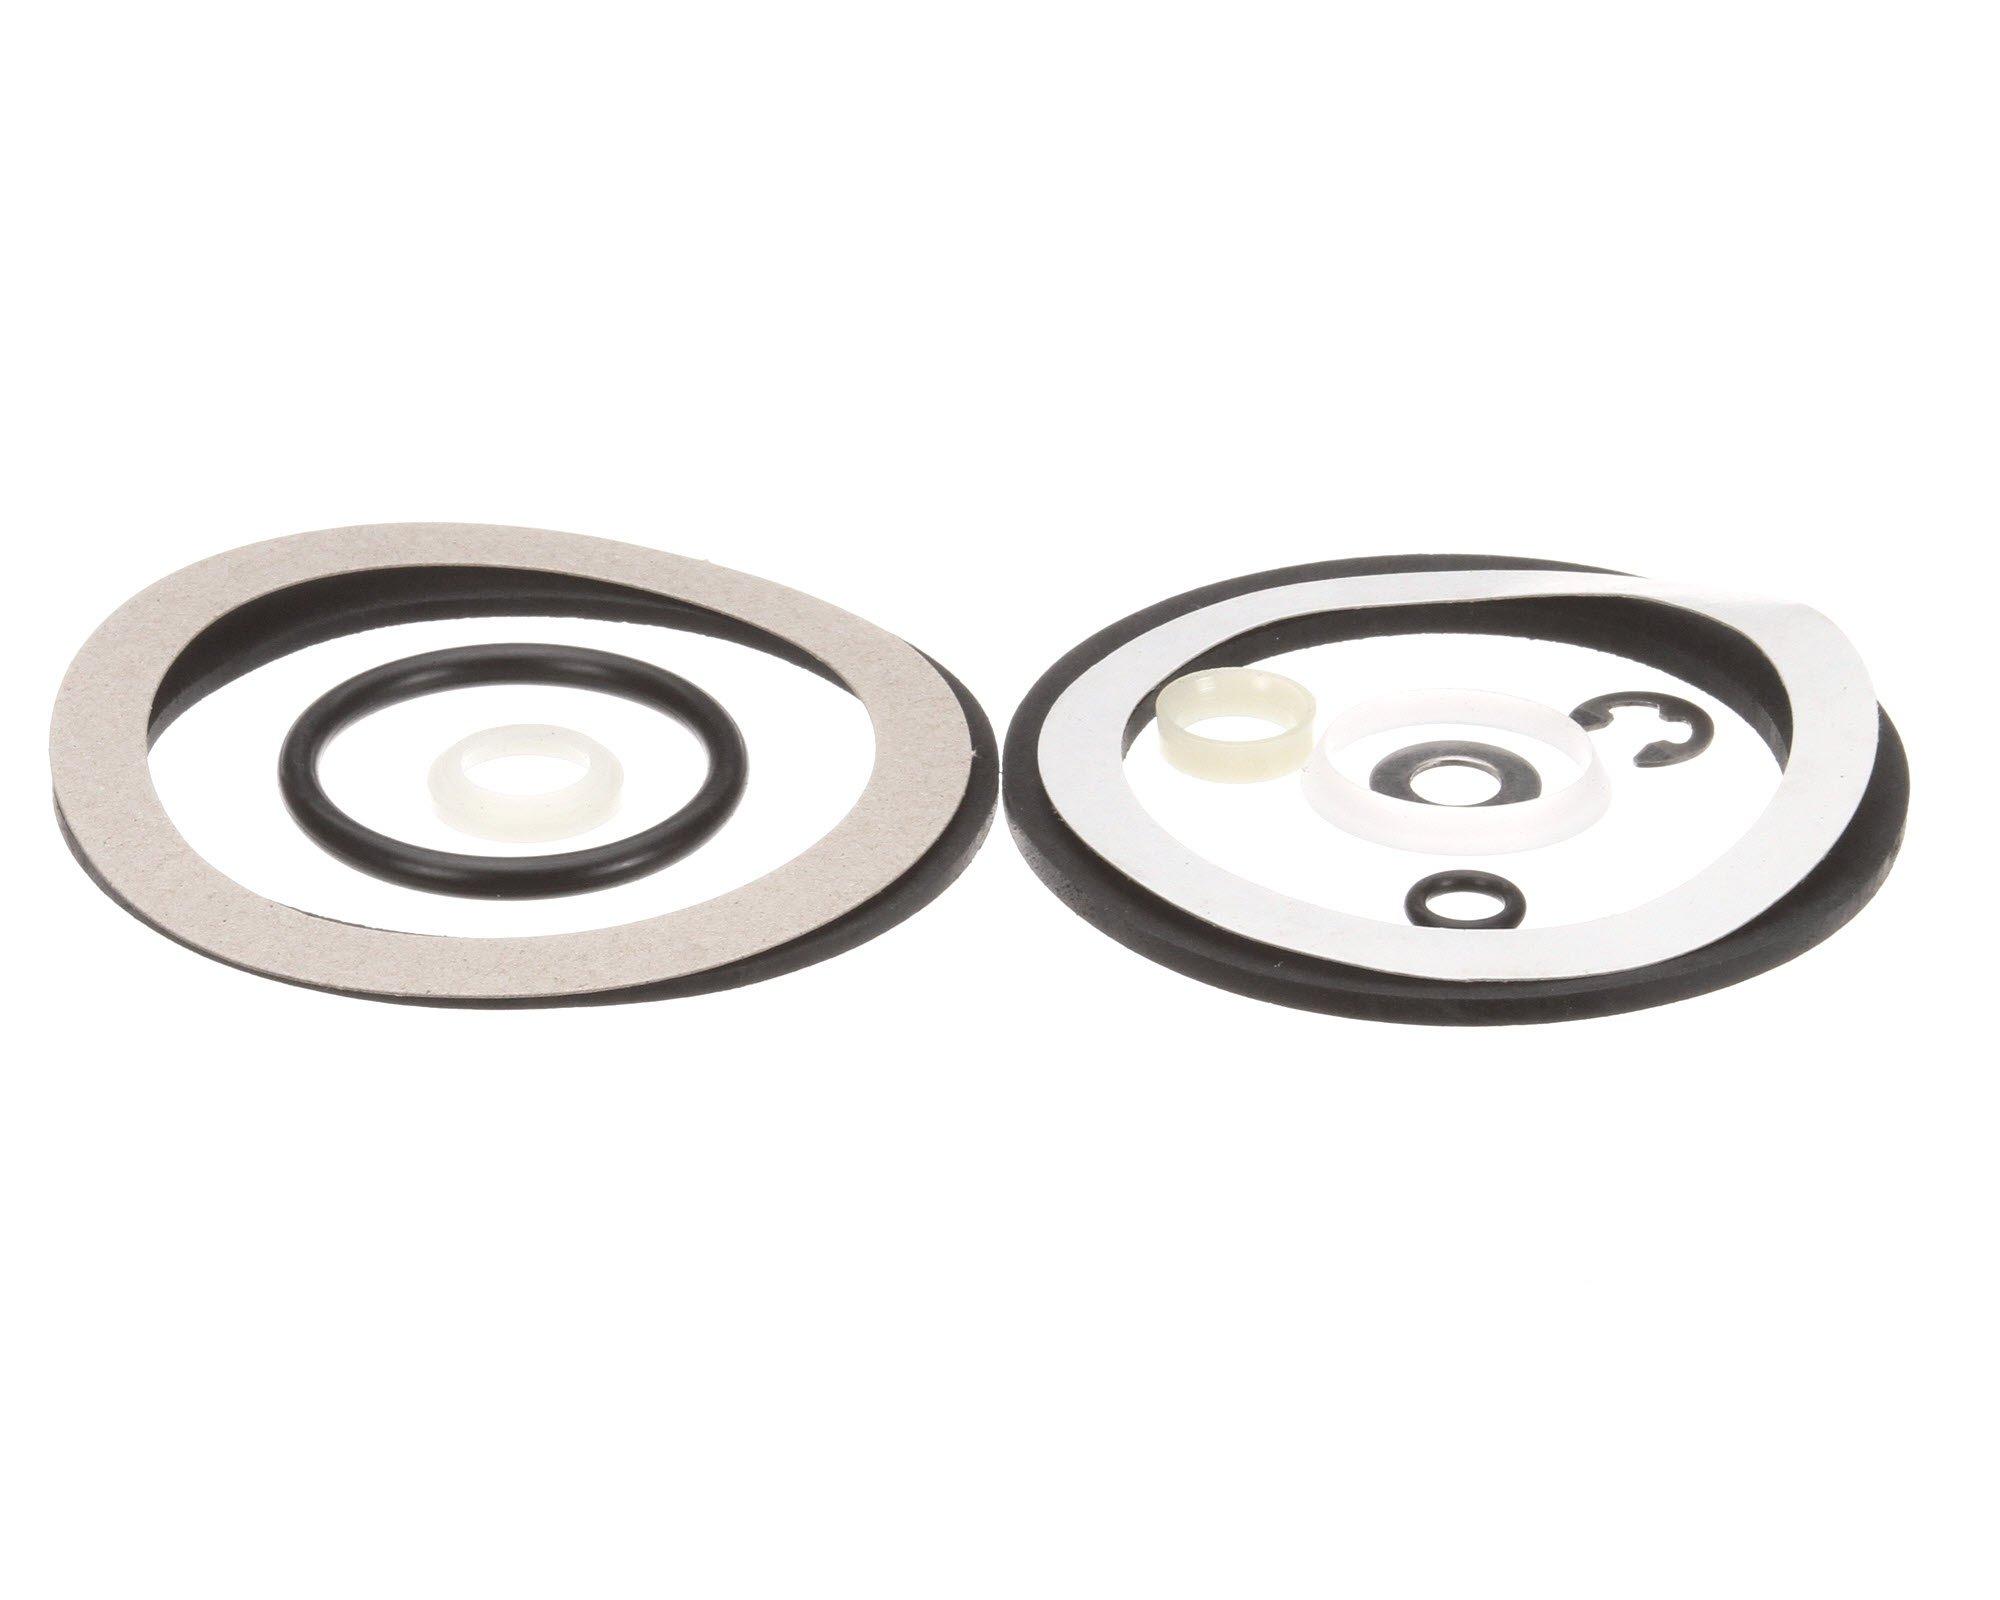 KROWNE 22-502 Twist/Lever Waste Repair Kit